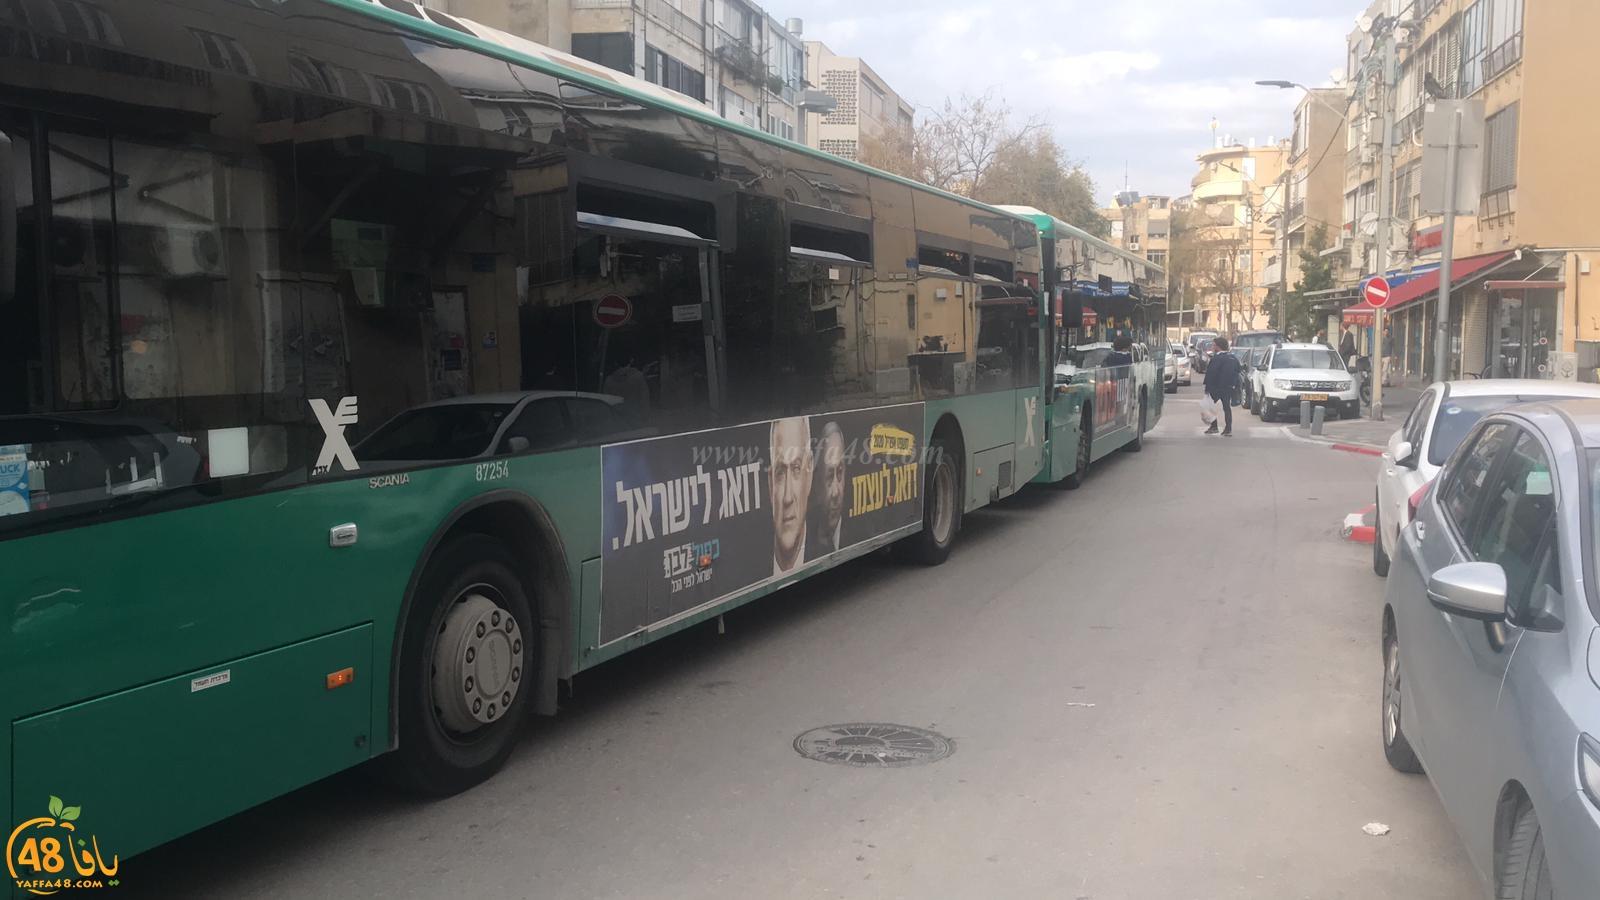 يافا: سيارة تتسبب بأزمة مرورية خانقة بالمدينة